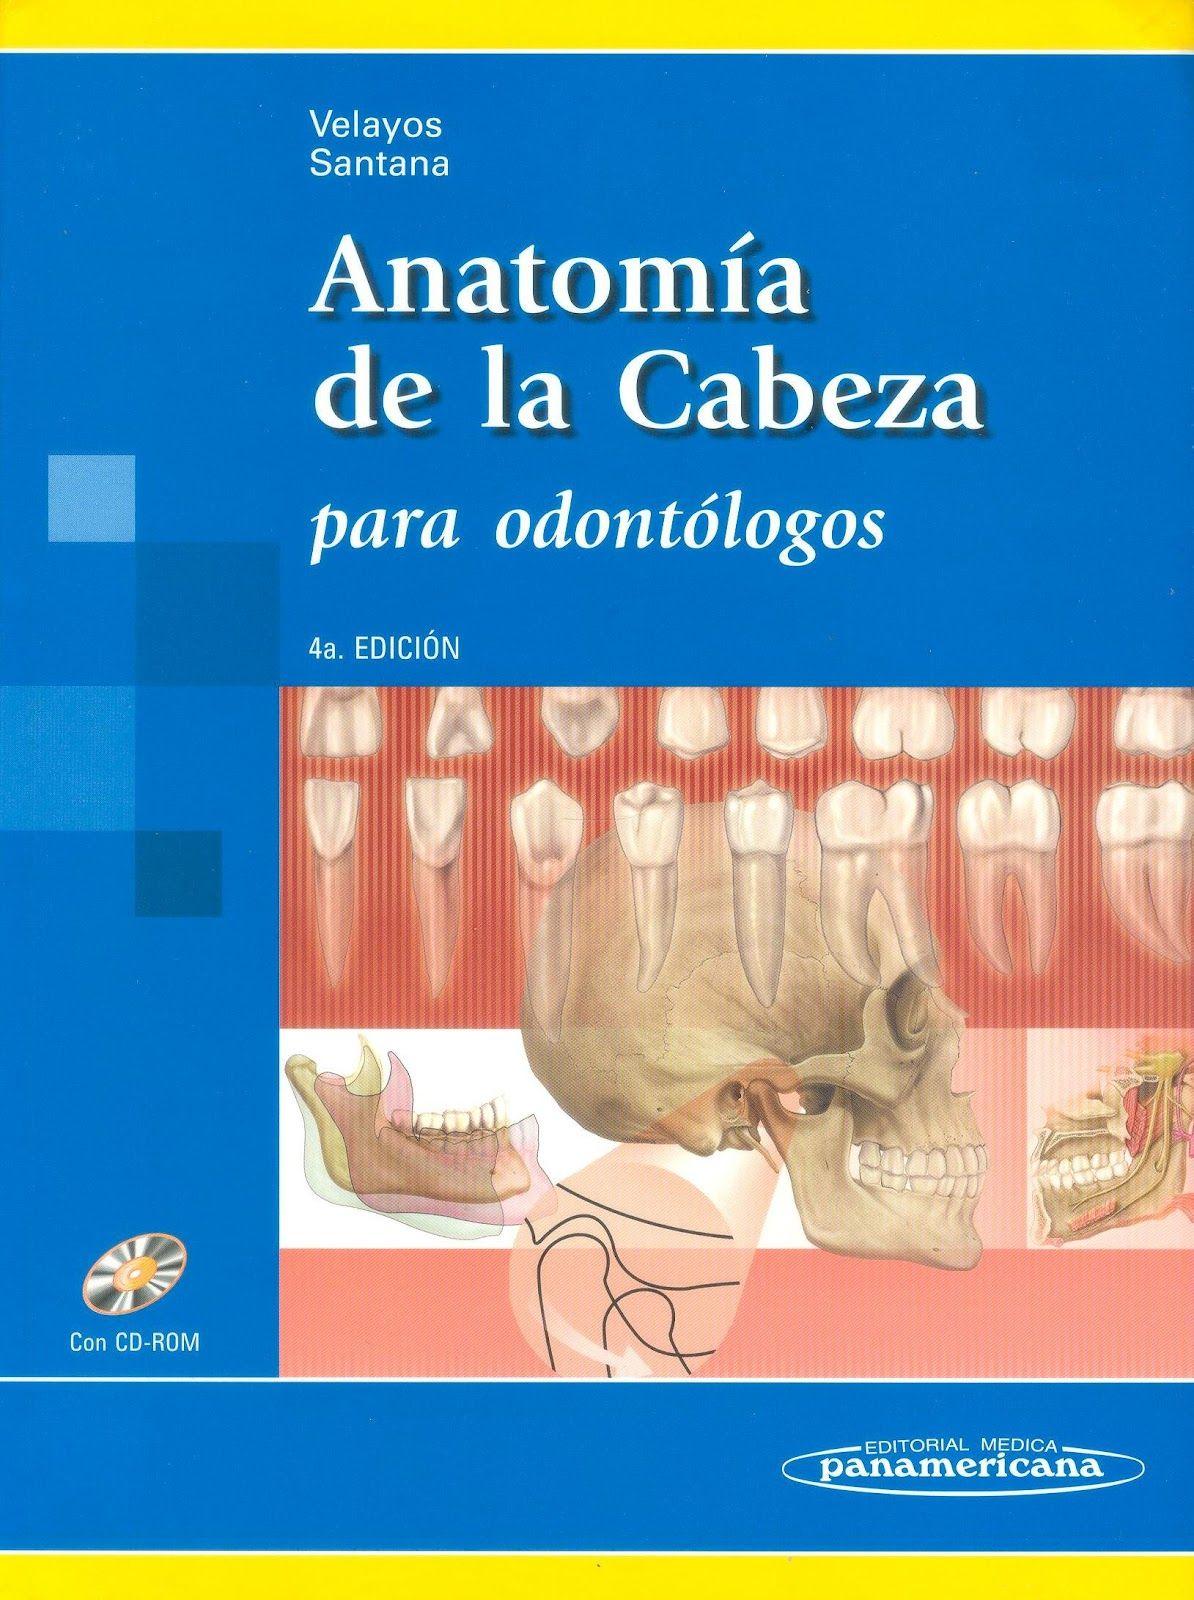 Anatomía de la Cabeza para Odontólogos, 4ta. Edición